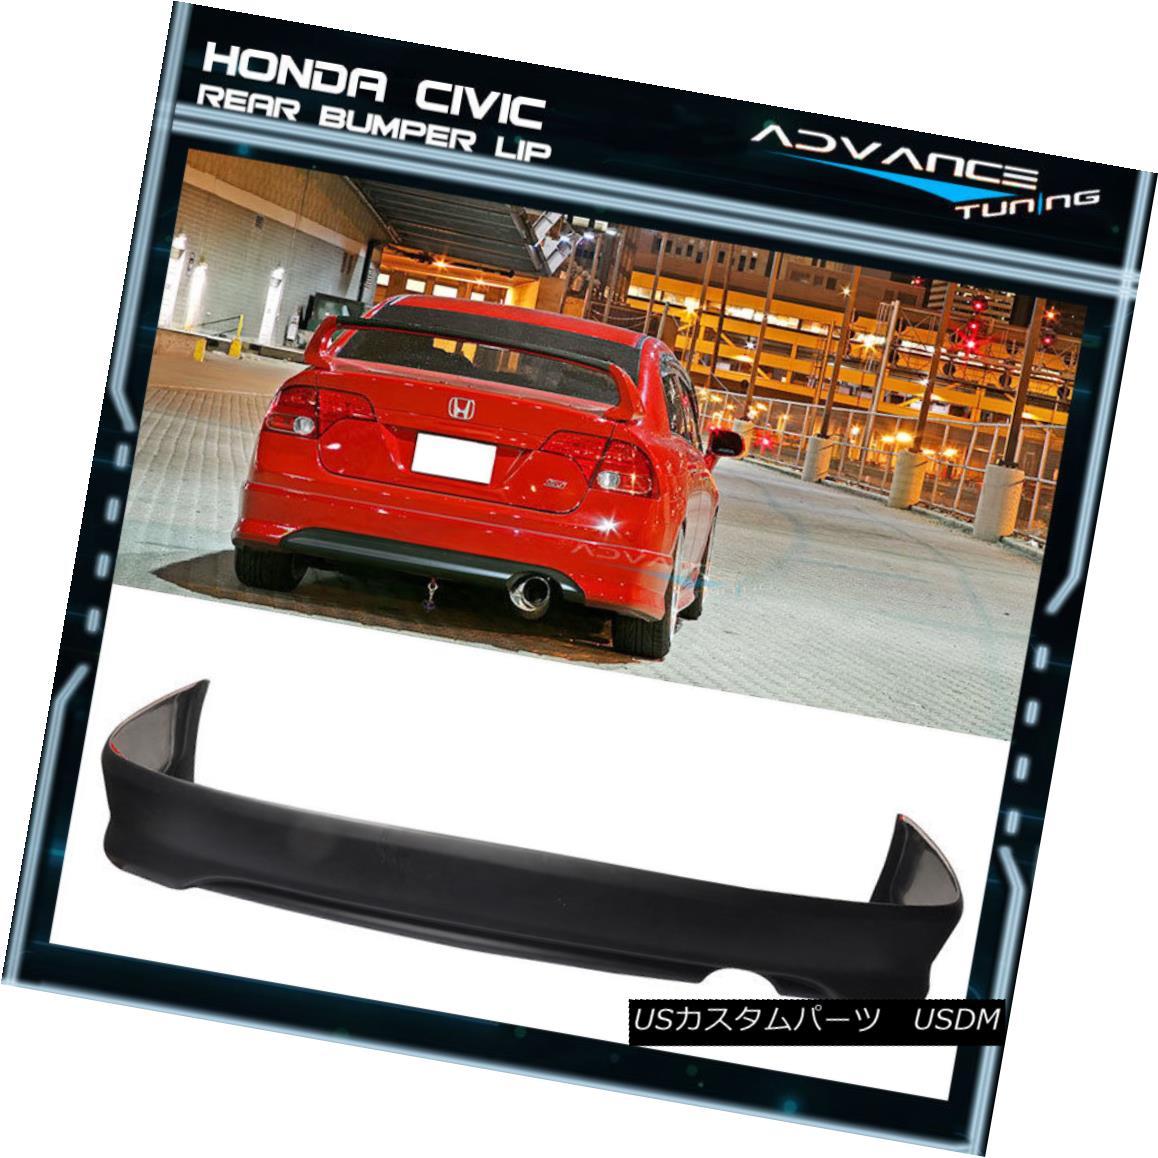 エアロパーツ Fit For 06-11 Honda Civic 4 Doors Poly Urethane HF-P Rear Bumper Lip Spoiler ホンダシビック4ドア用ポリウレタンHF-Pリアバンパーリップスポイラー